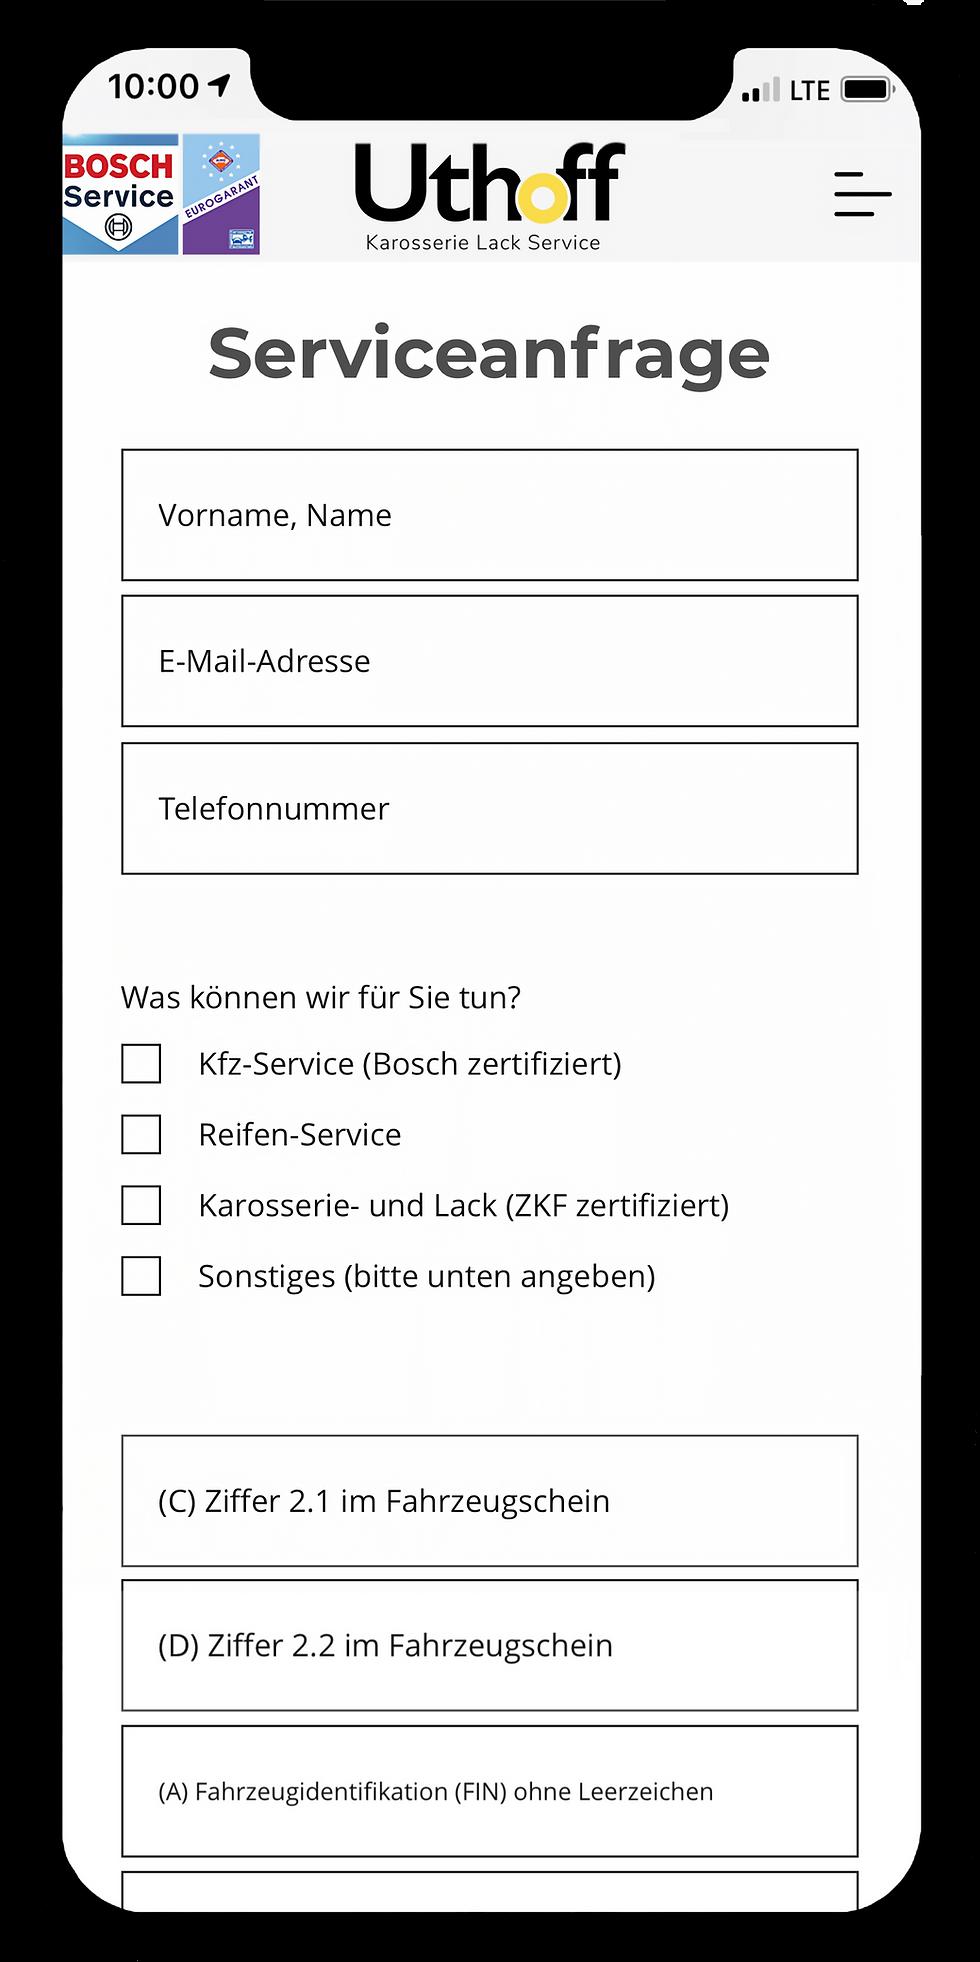 Serviceanfrage | Karosserie Lack Service Uthoff |Gerstetten